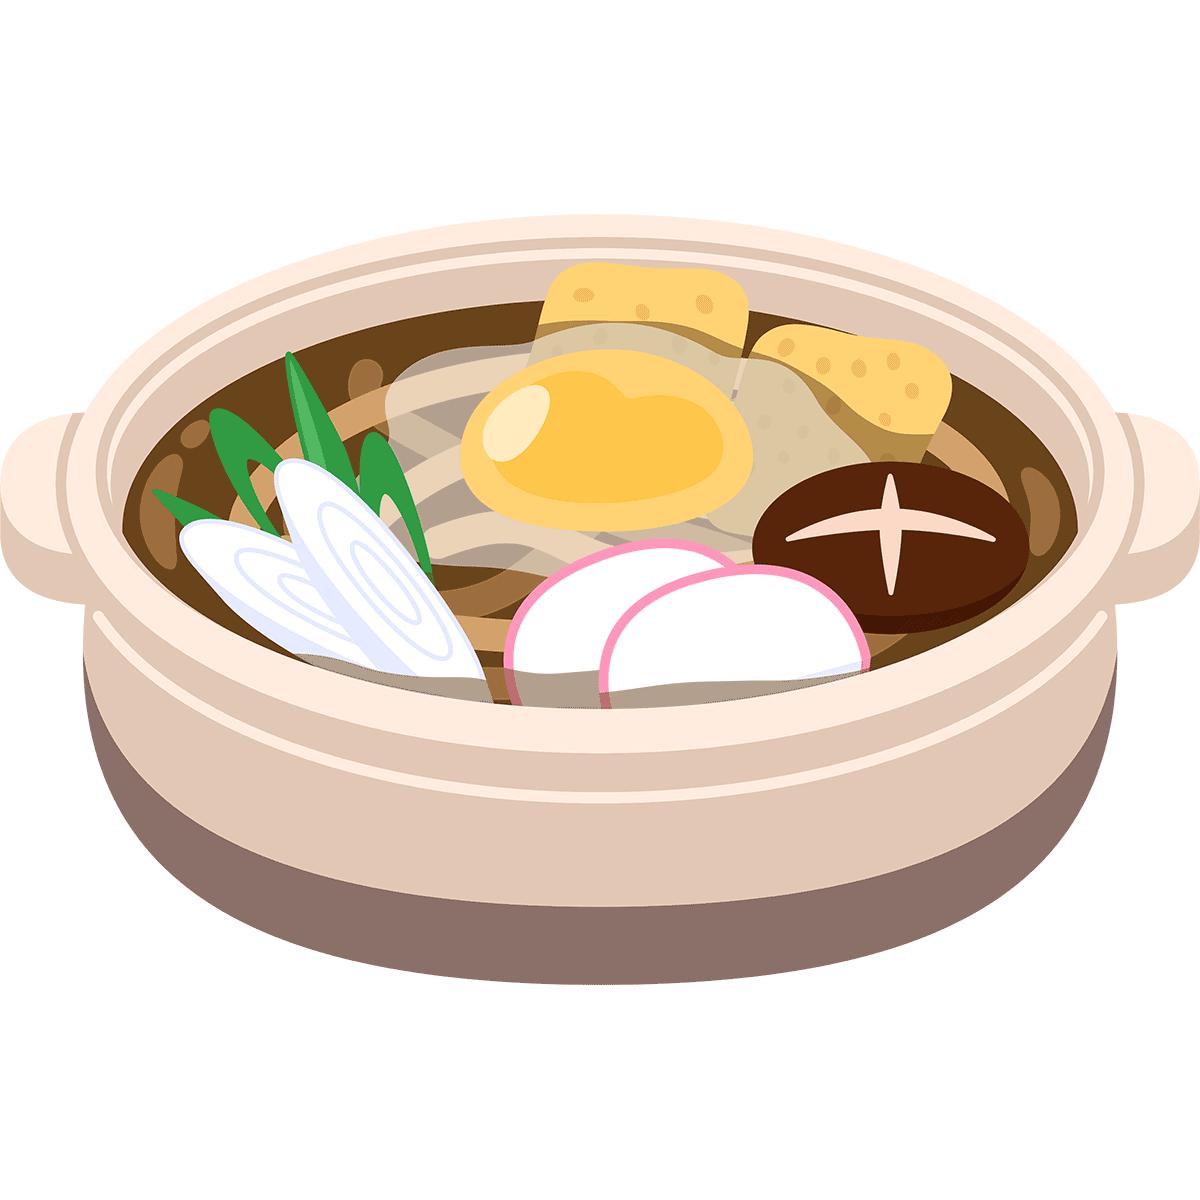 味噌煮込みうどんの無料イラスト